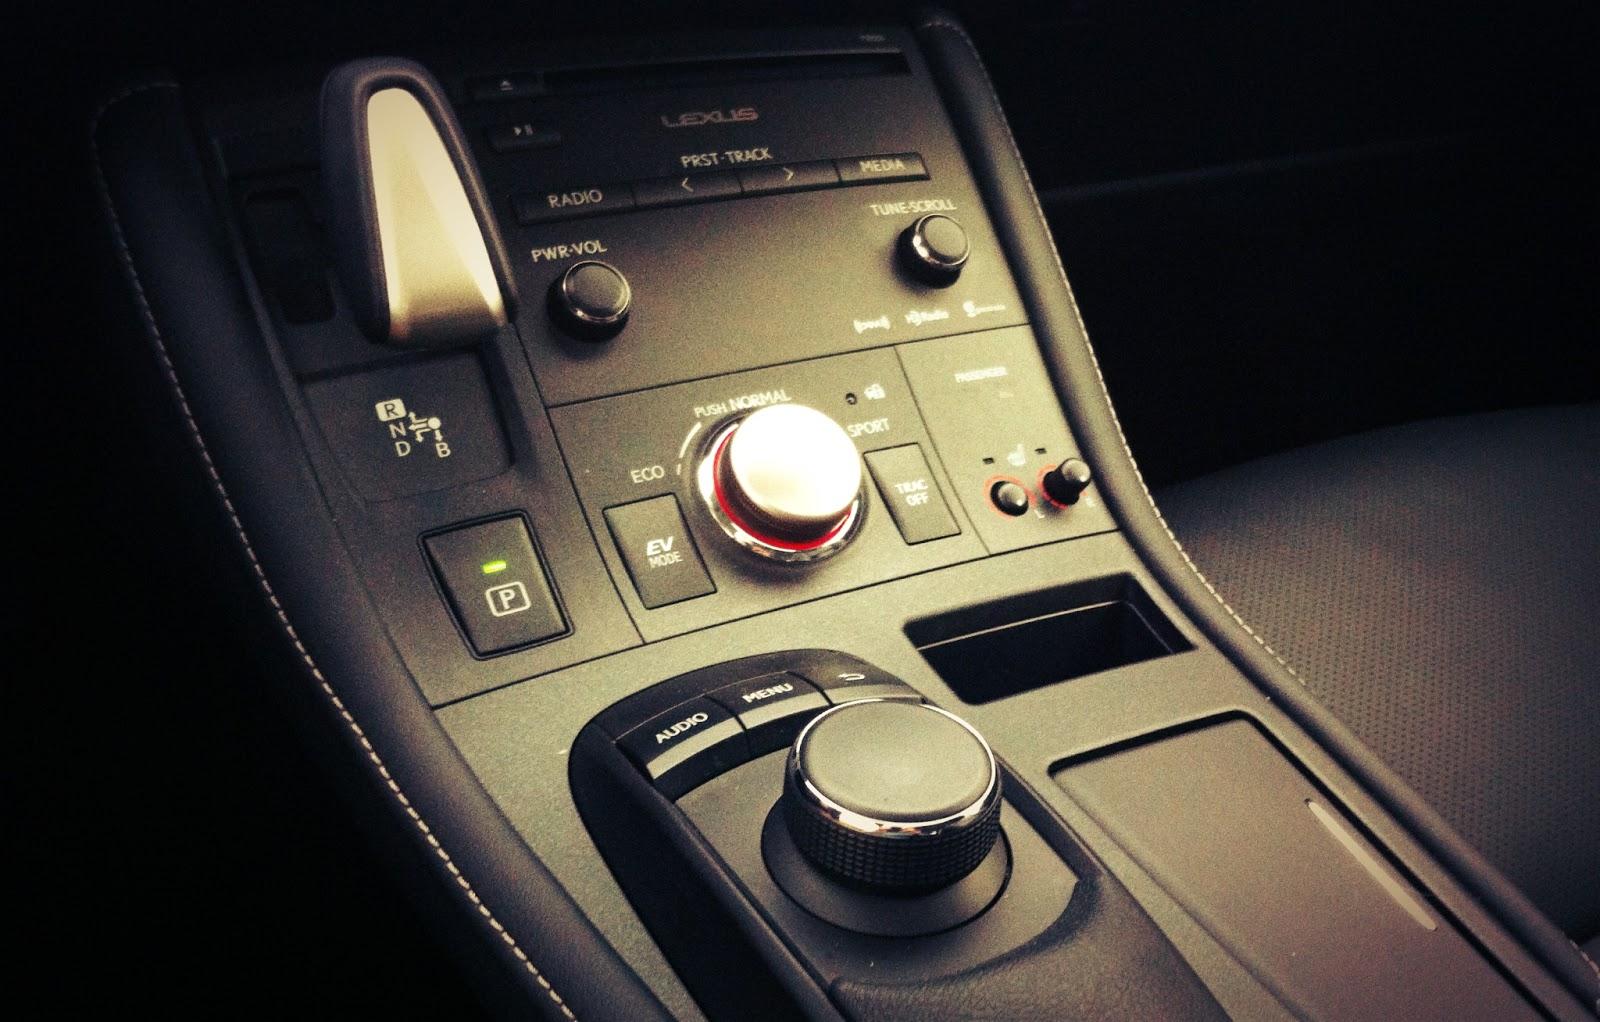 2014 Lexus CT200h interior